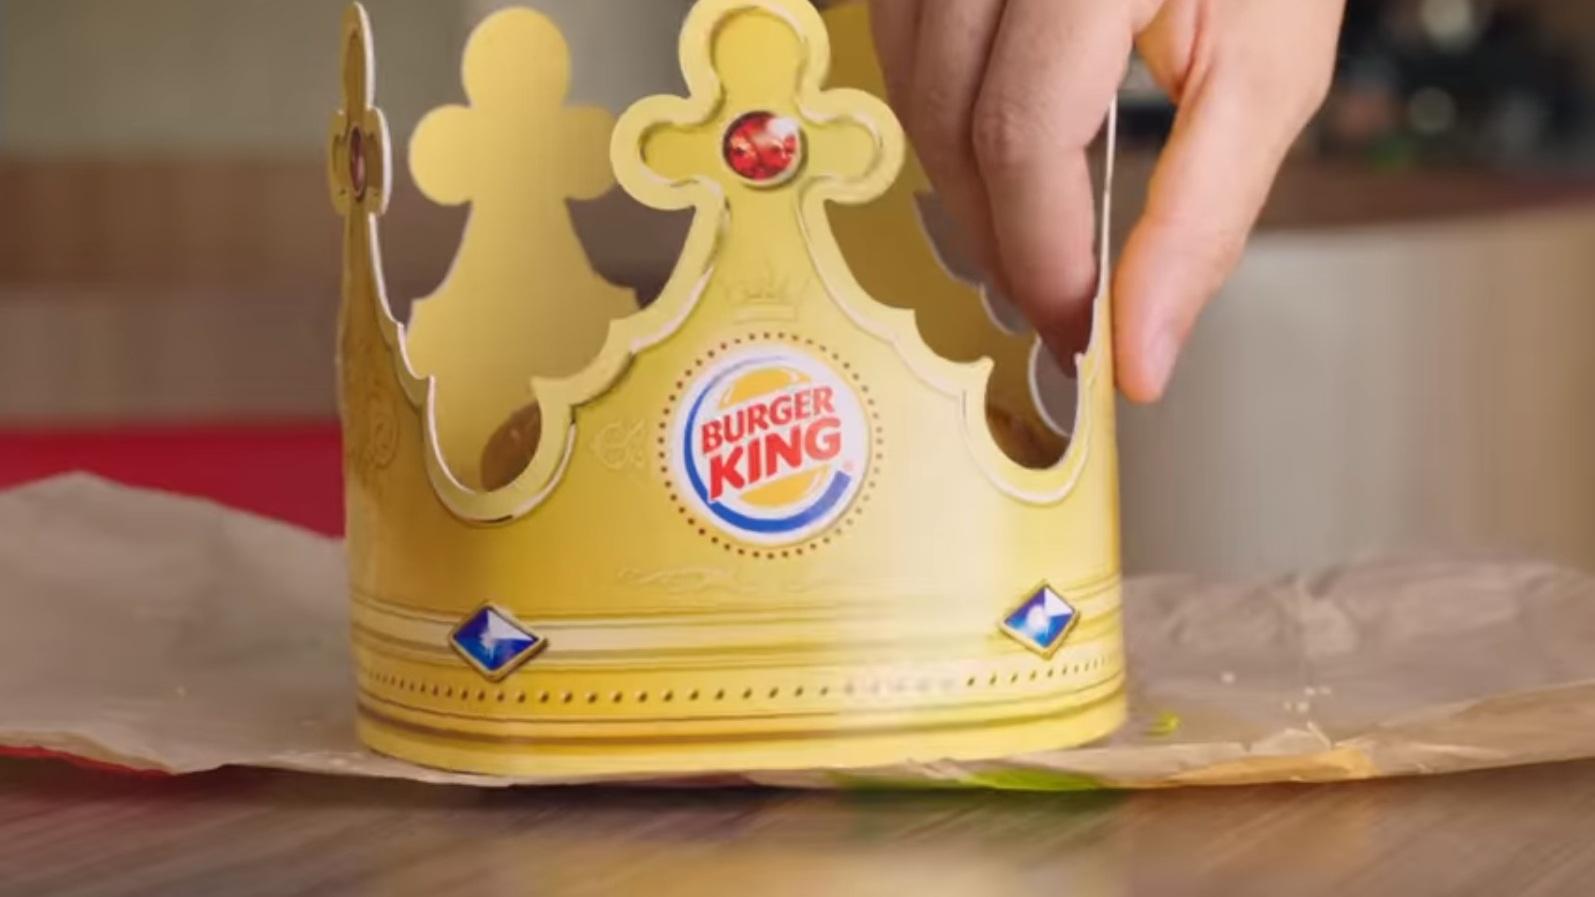 Yapay Zeka Tarafından Yazılan Burger King Reklamları